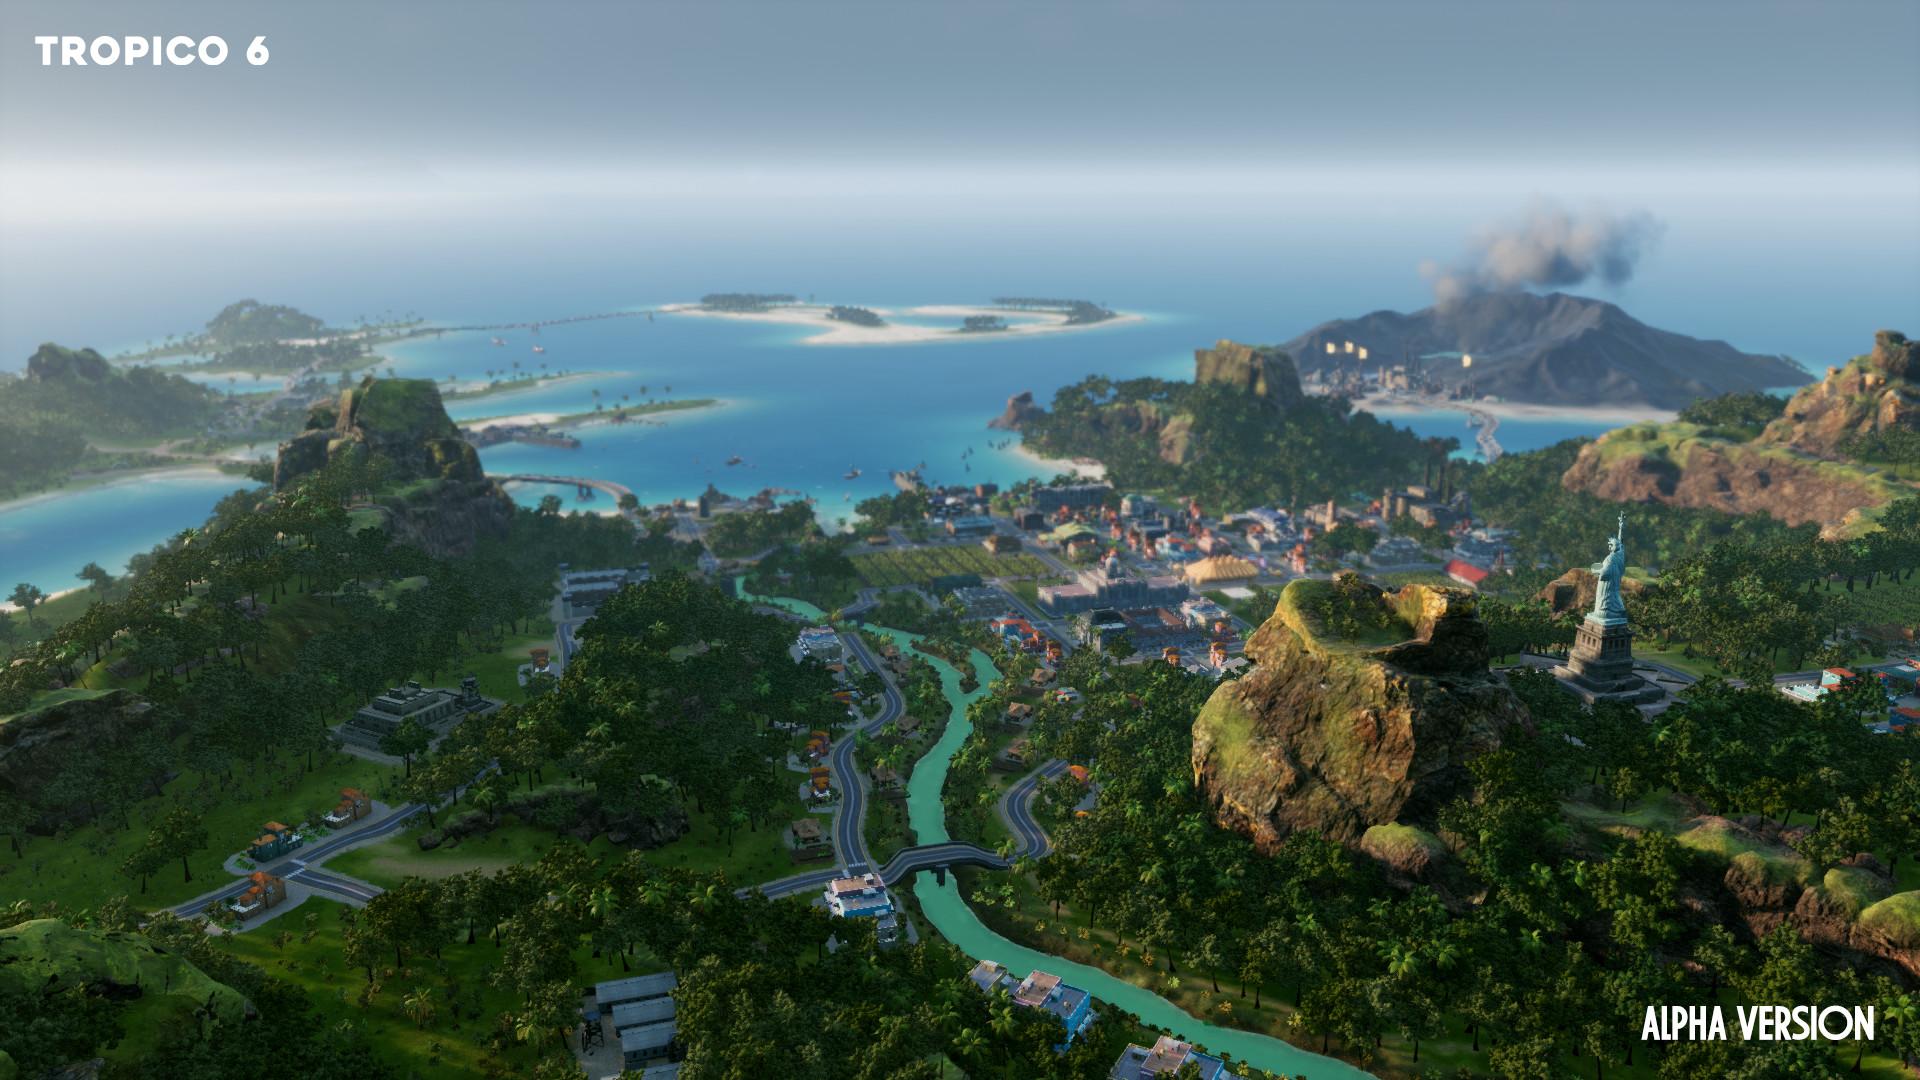 [海岛大亨6 tropico 6 beta 绿色免安装硬盘版 8gb][百度 网盘]【en】